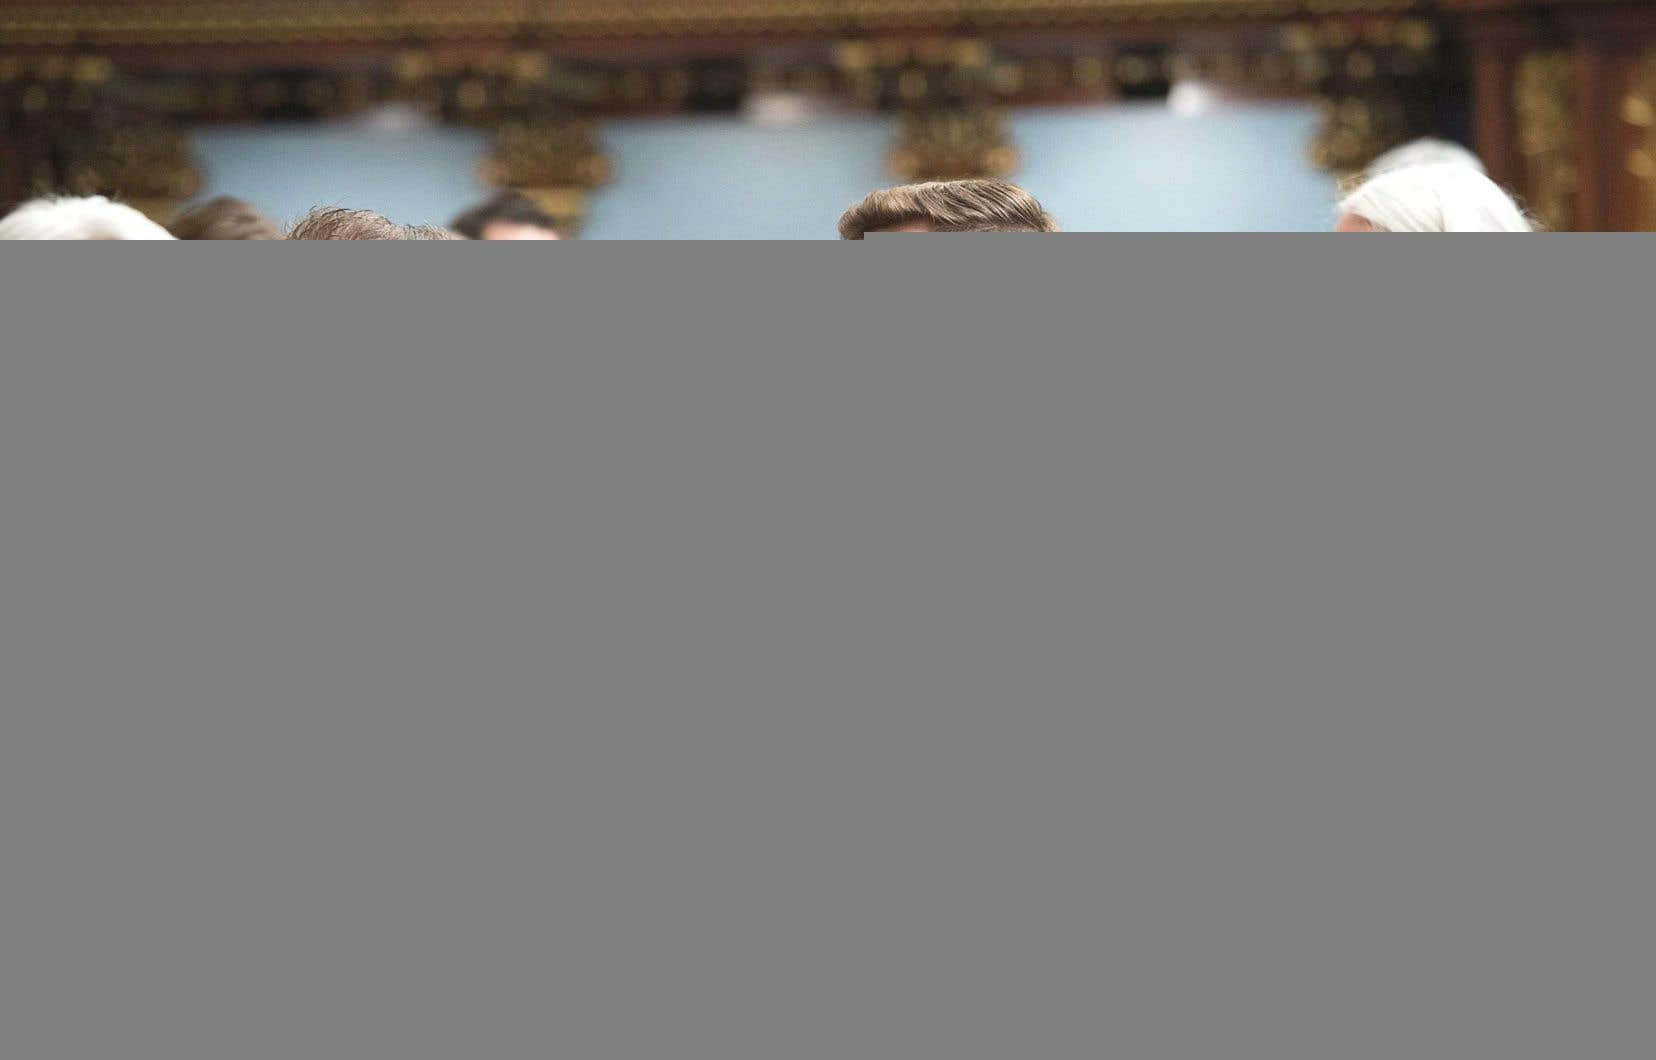 Le nouveau député de Québec solidaire dans Gouin, Gabriel Nadeau-Dubois, est salué par le leader parlementaire du Parti québécois, Pascal Bérubé, sous le regard de sa collègue Manon Massé.